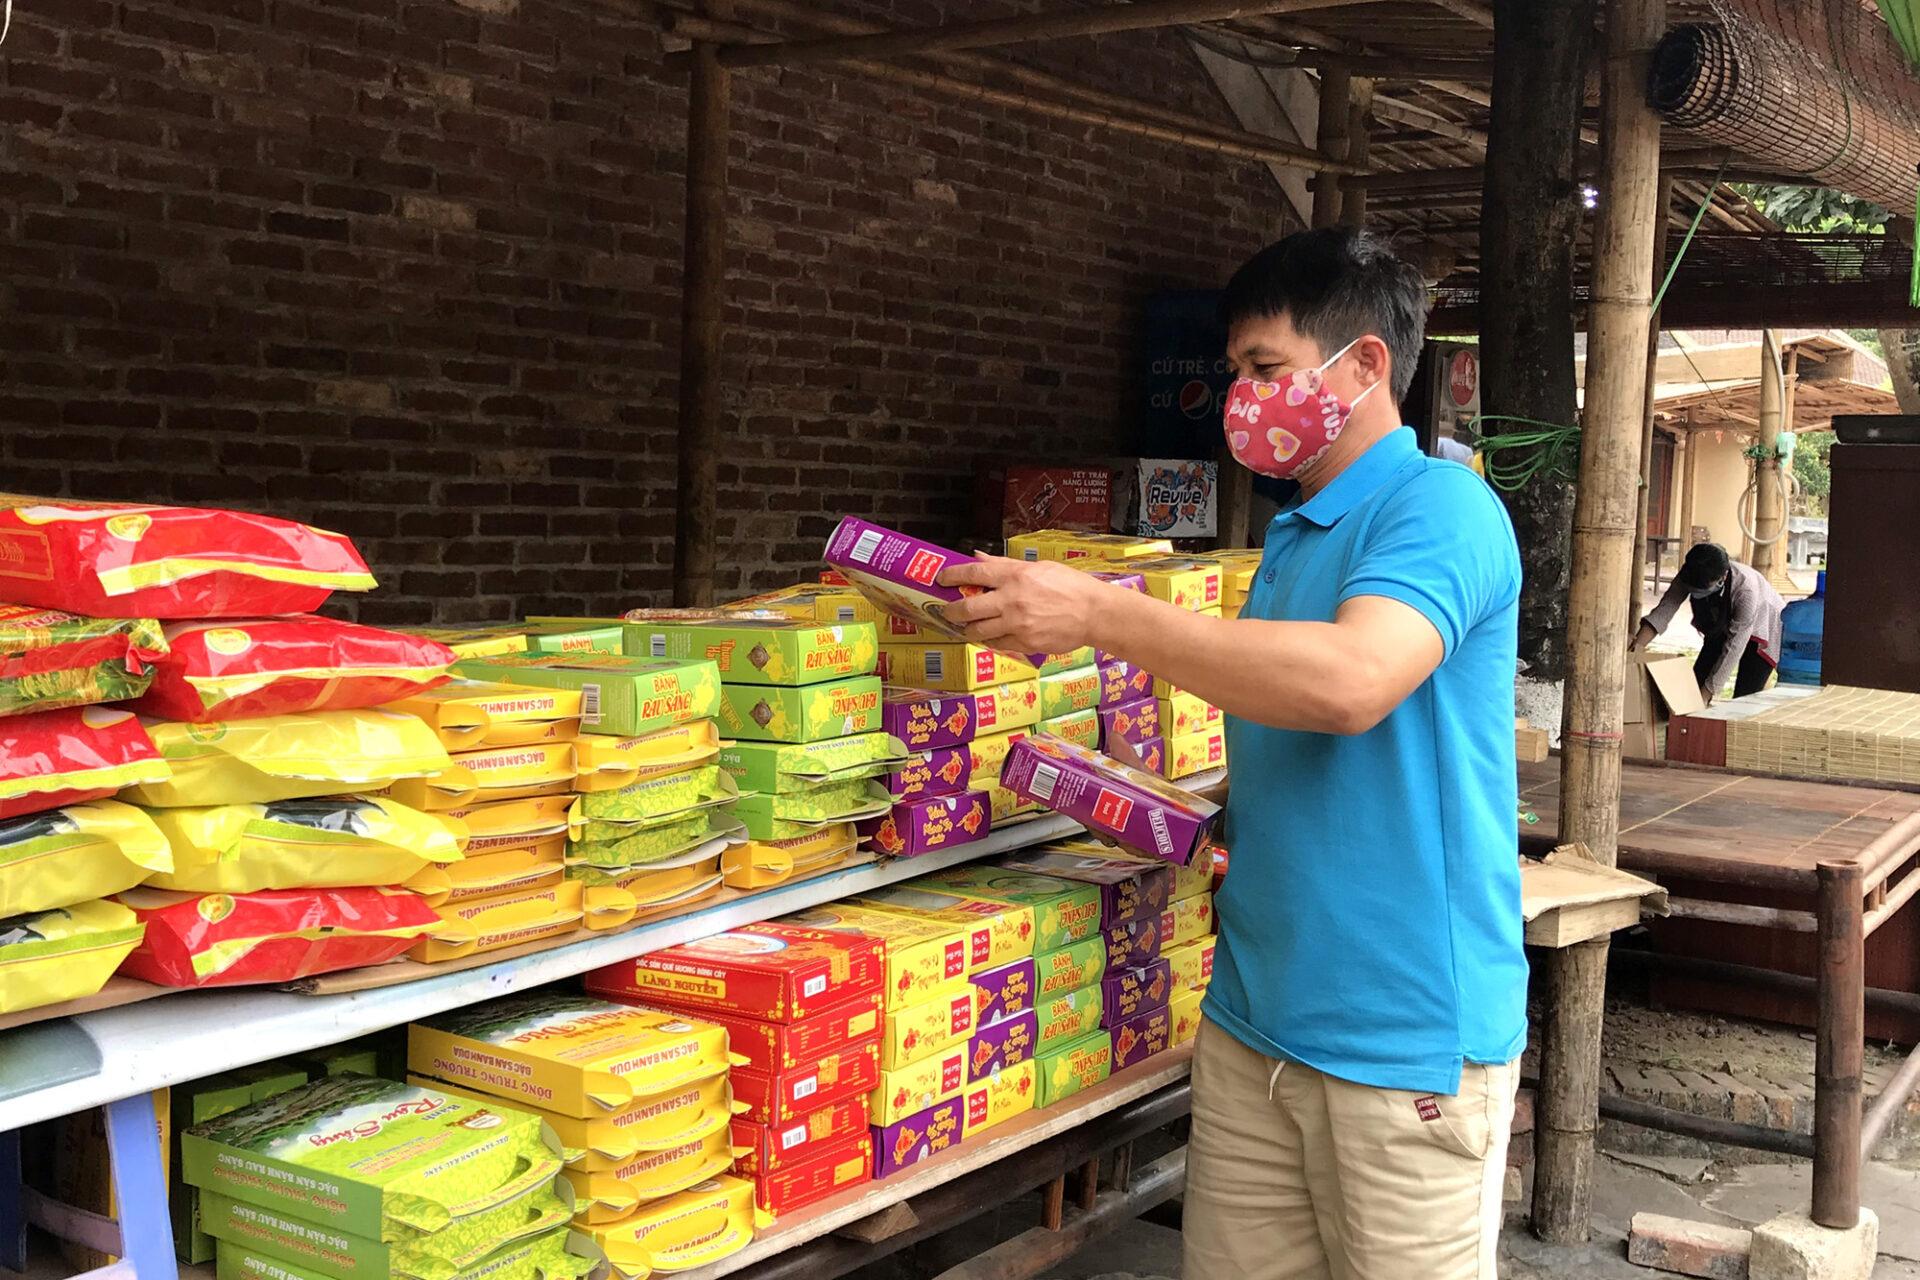 Nhân viên khu làng hành hương Yên Tử sắp xếp hàng hoá, dọn dẹp cửa hàng để đón khách